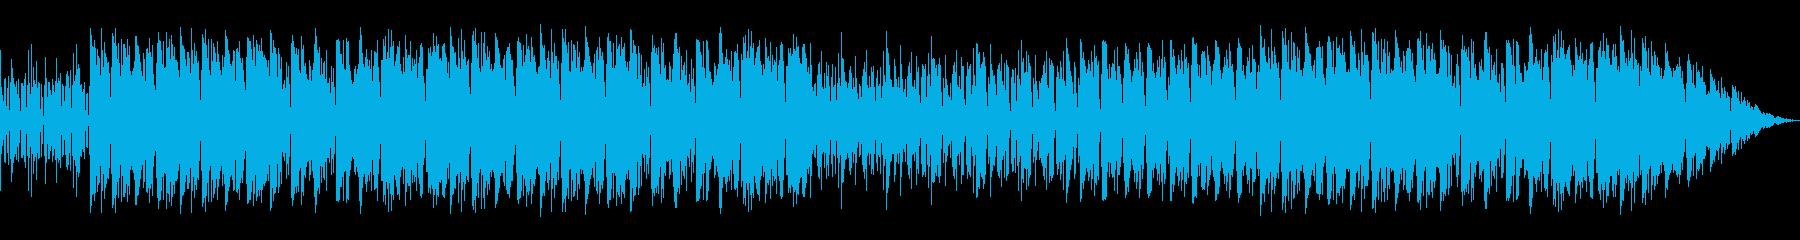 古代日本 和風以前の原始的風俗の再生済みの波形